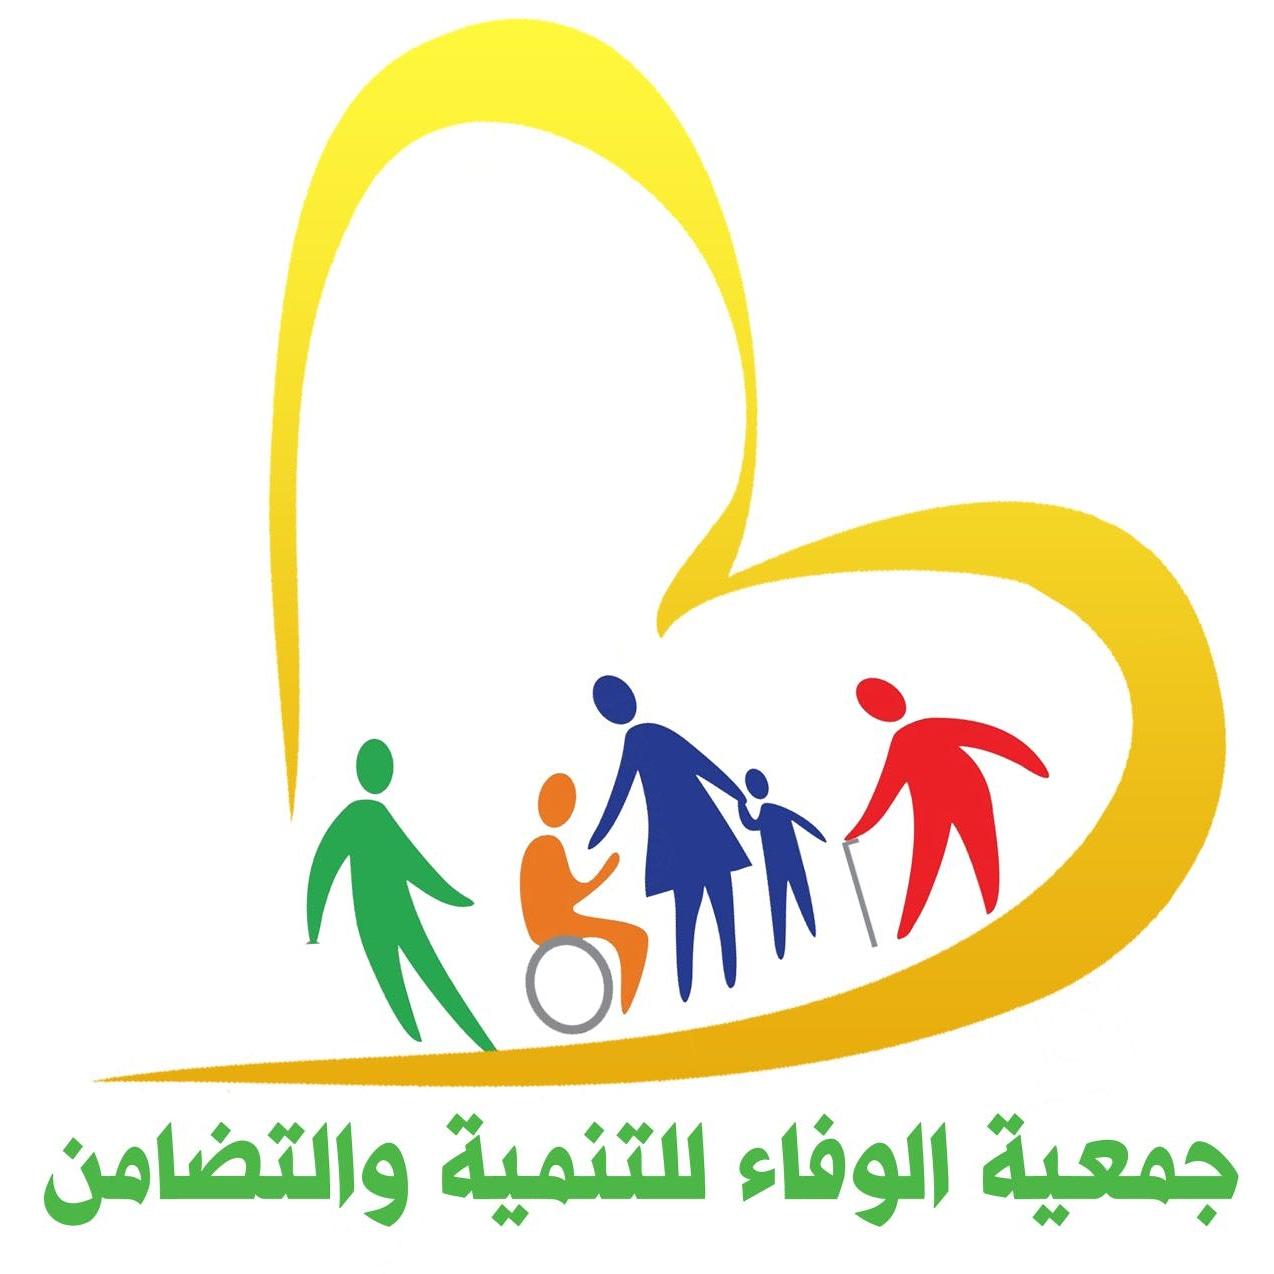 +صورة :جمعية الوفاء للتنمية و التضامن بالناظور تتهيأ للنسخة القادمة و هذا هو ضيف الشرف ..